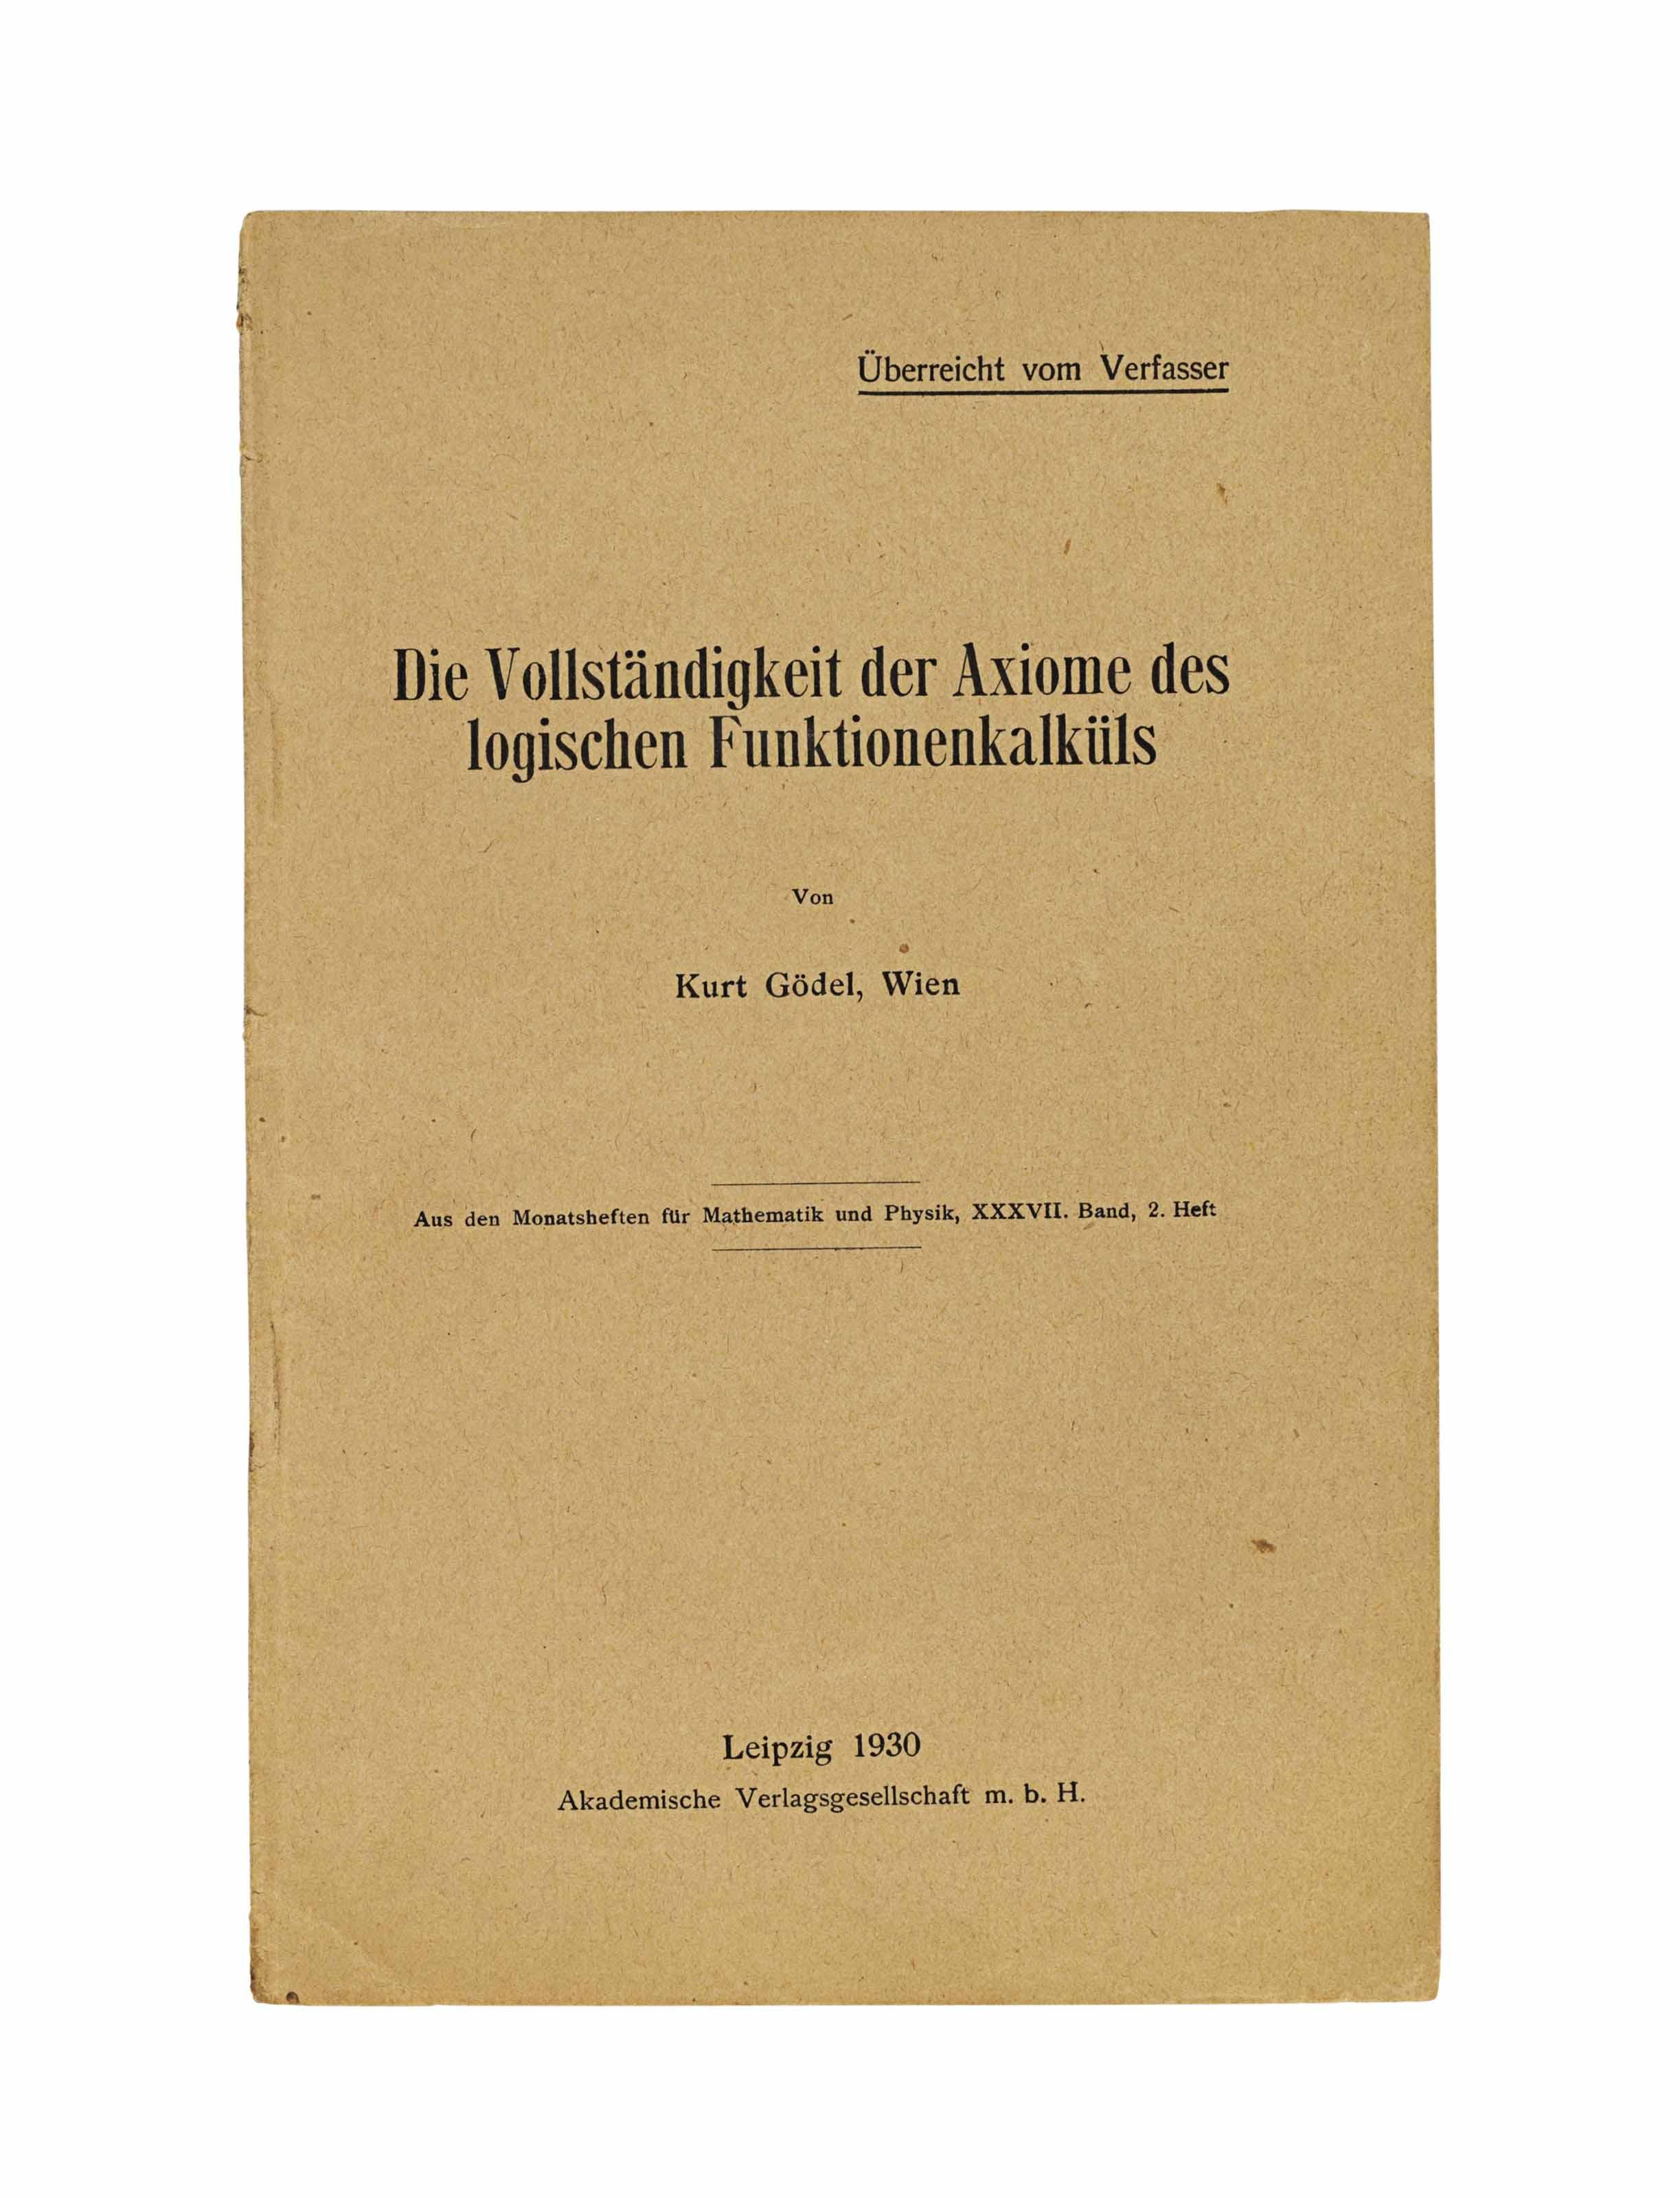 GÖDEL, Kurt (1906-1978). 'Die